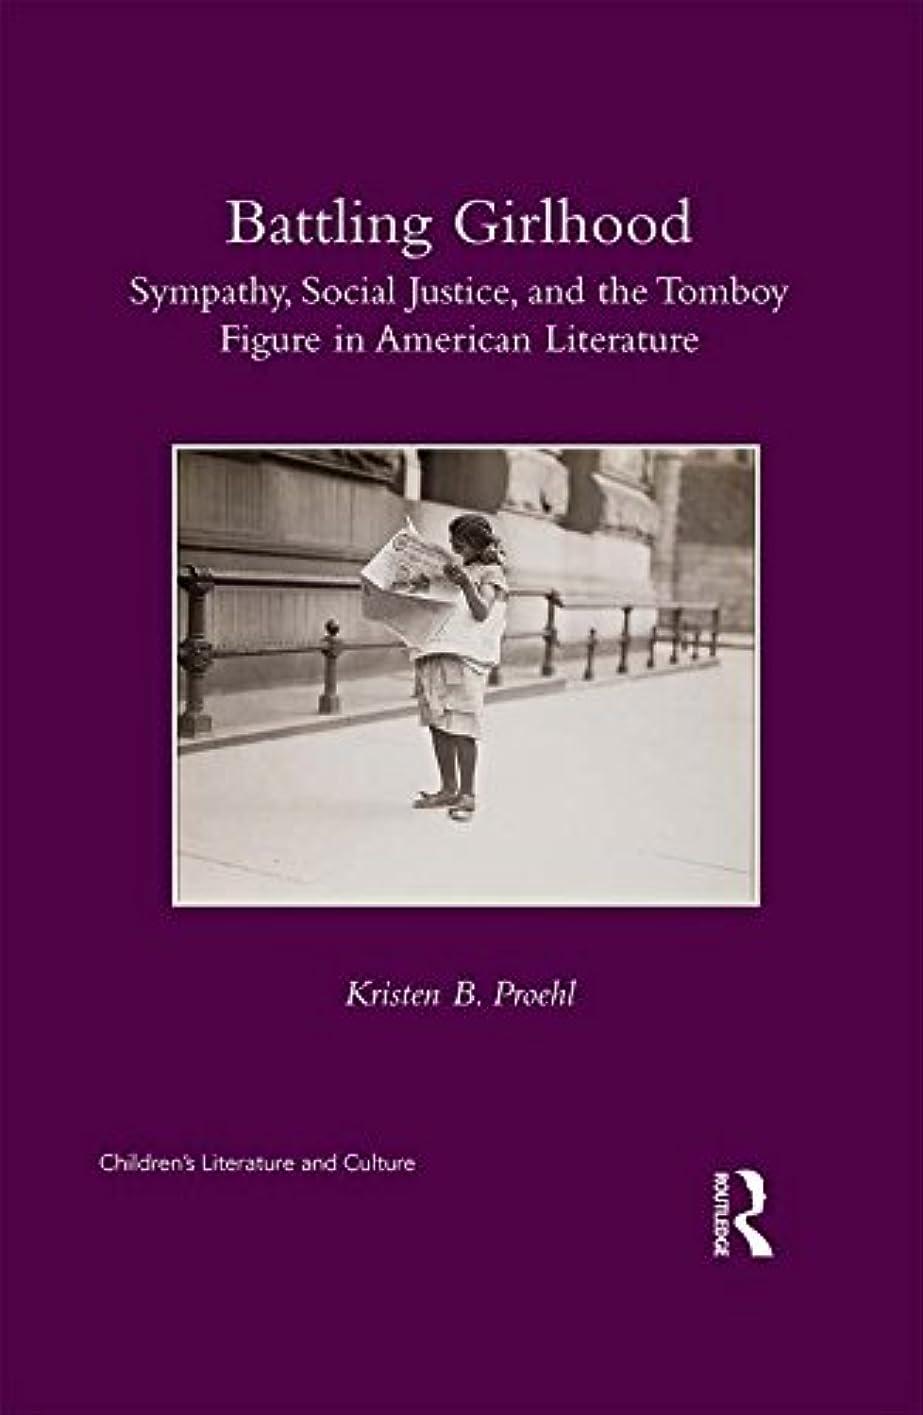 アカデミック囲いチャンバーBattling Girlhood: Sympathy, Social Justice, and the Tomboy Figure in American Literature (Children's Literature and Culture) (English Edition)